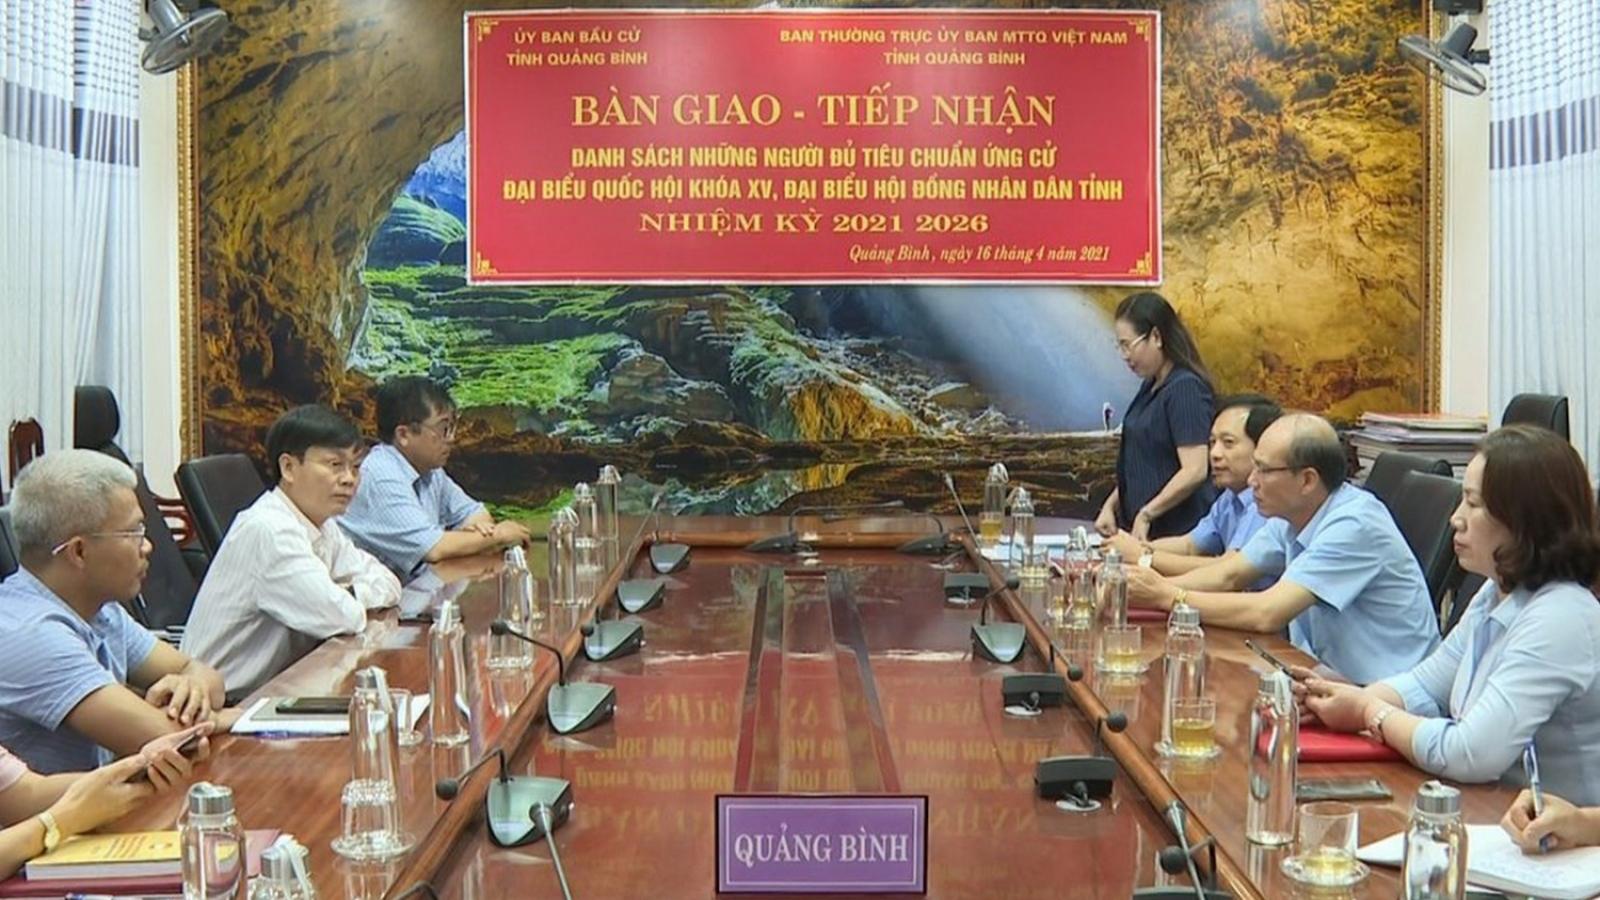 17 khu vực tại Quảng Bình đề nghị được bầu cử sớm